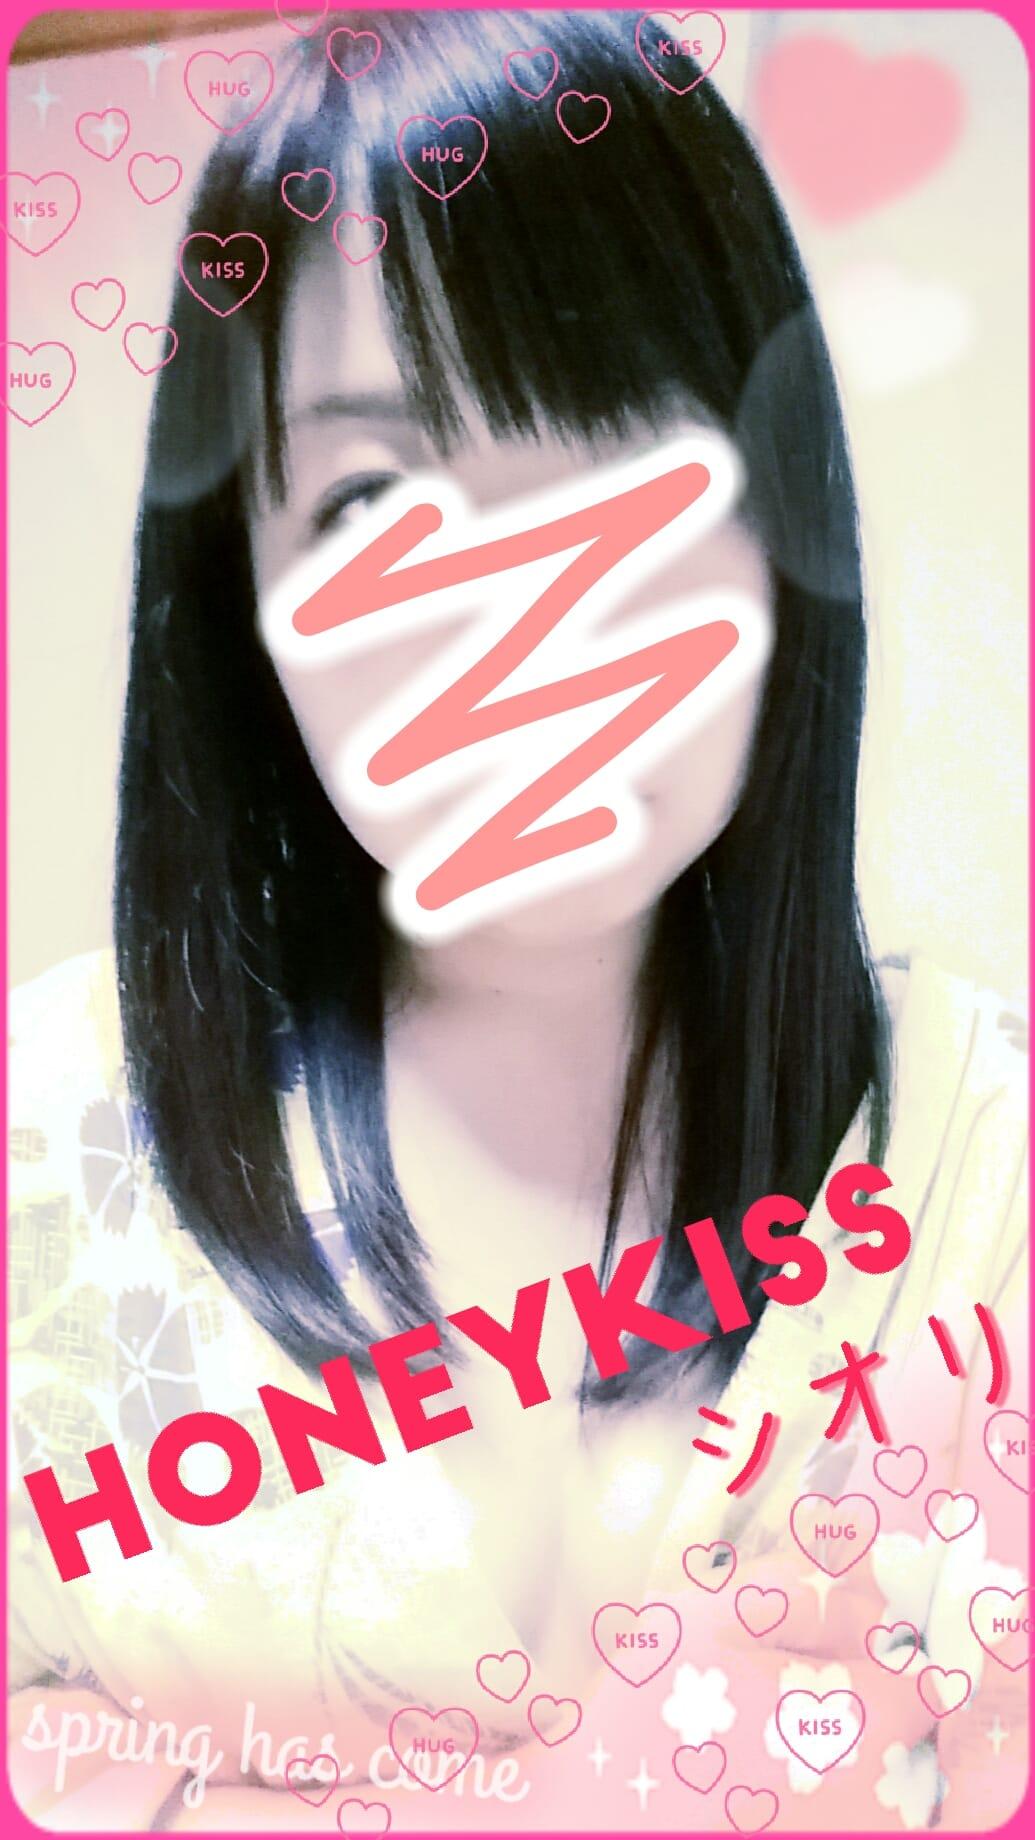 「出勤でっす♪」10/09(10/09) 12:03   シオリの写メ・風俗動画